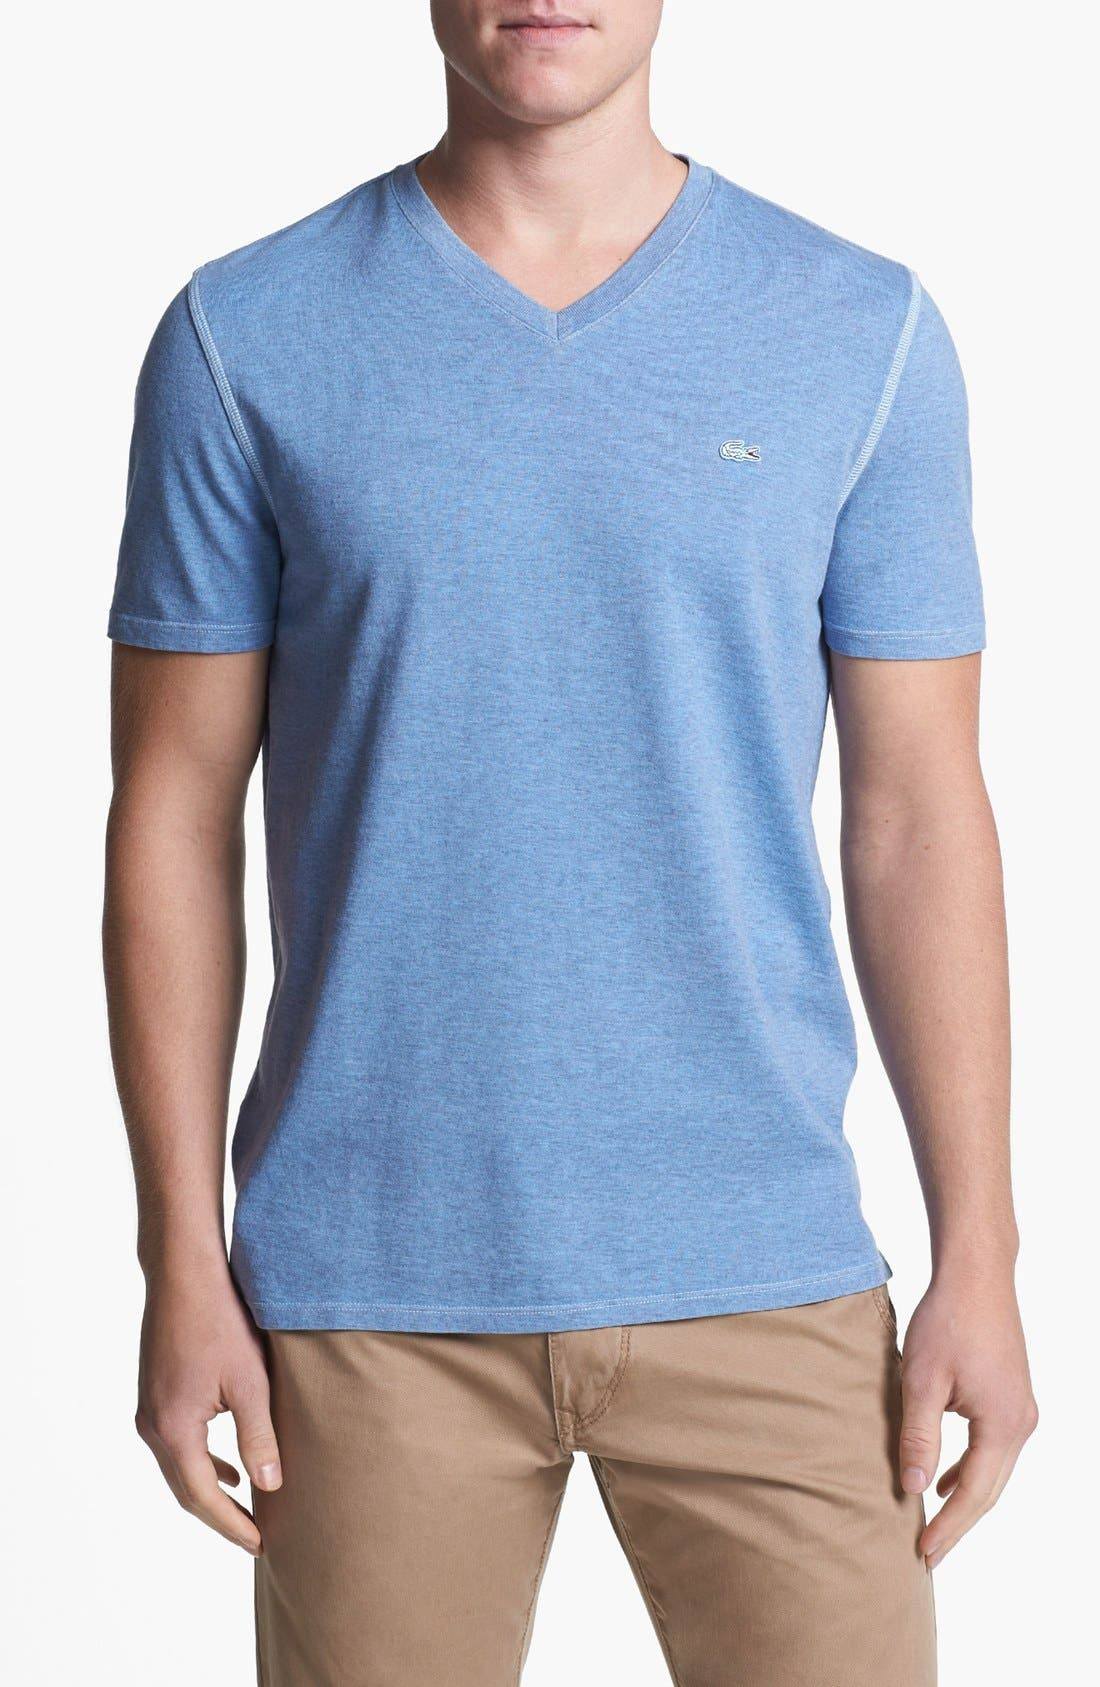 Alternate Image 1 Selected - Lacoste Vintage Wash V-Neck T-Shirt